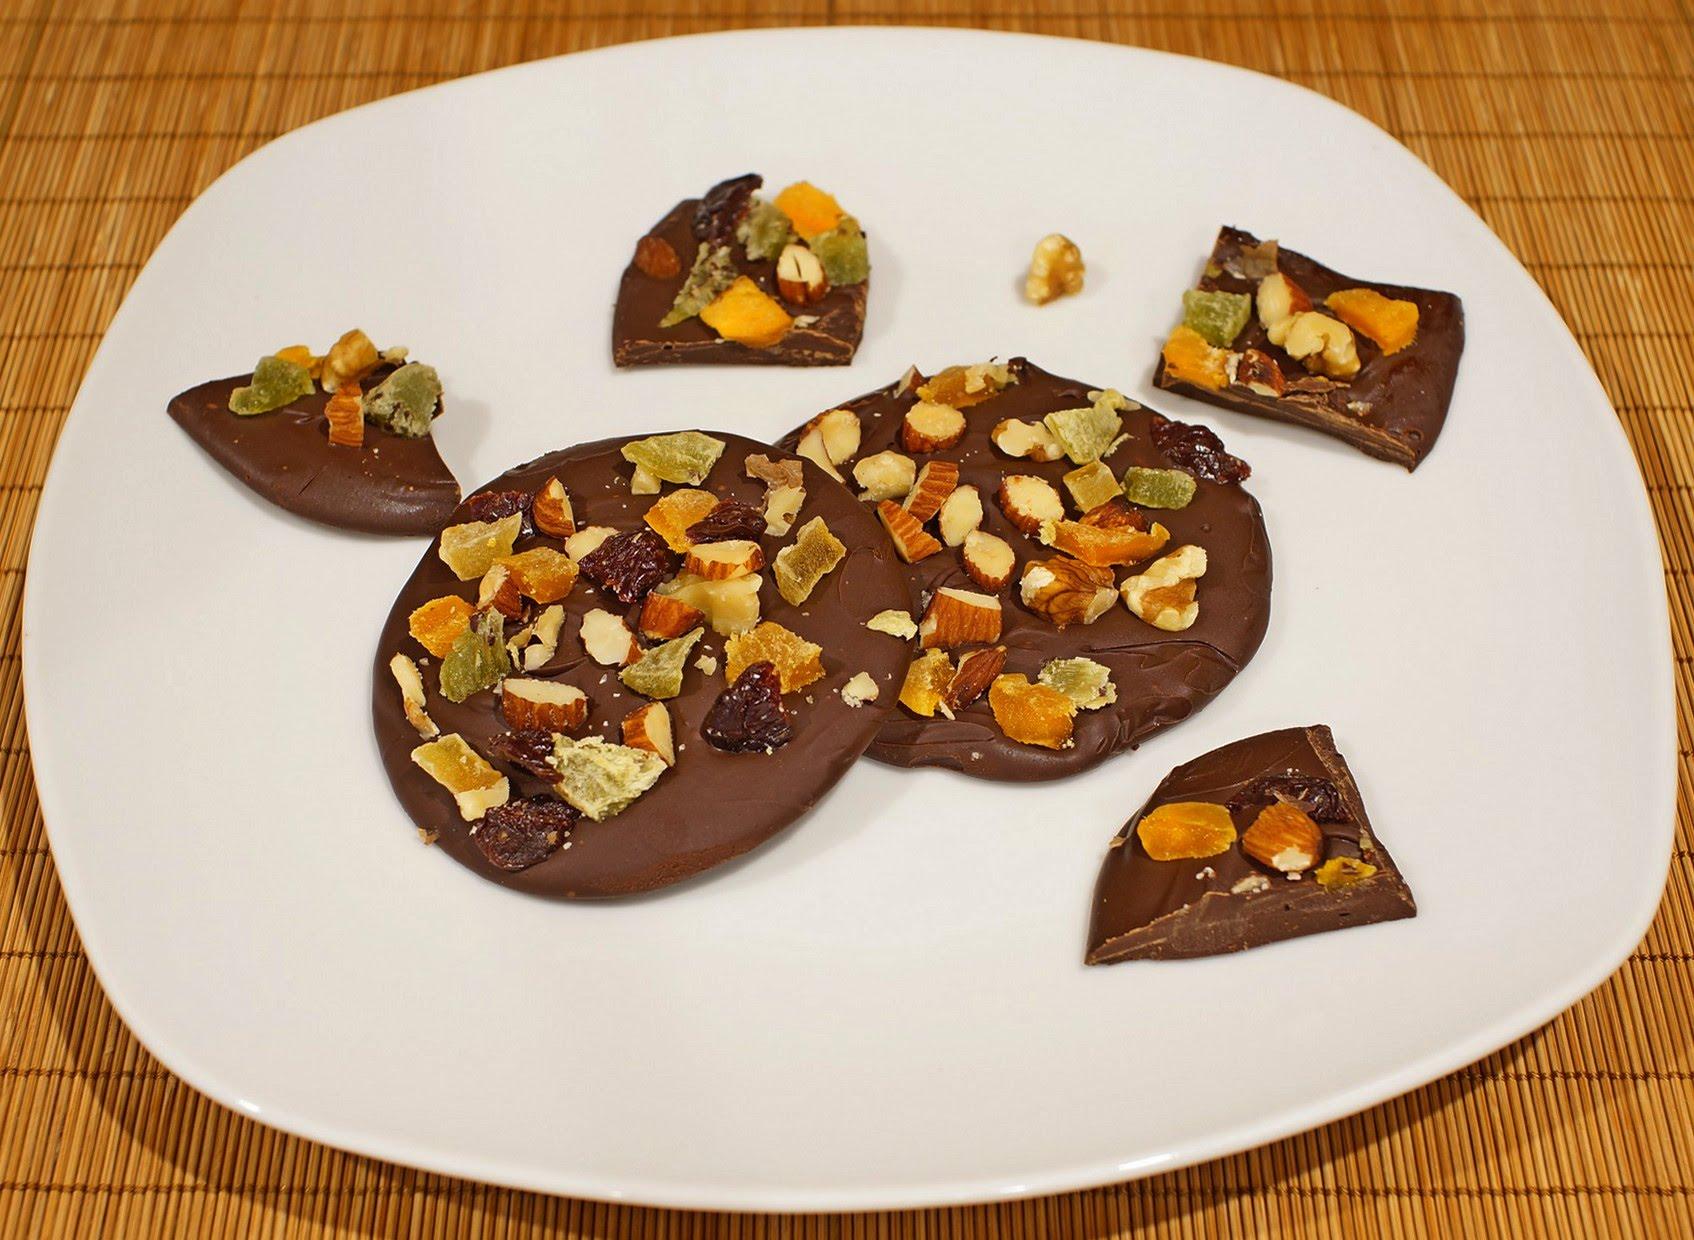 Домашний шоколад с орехами и сухофруктами